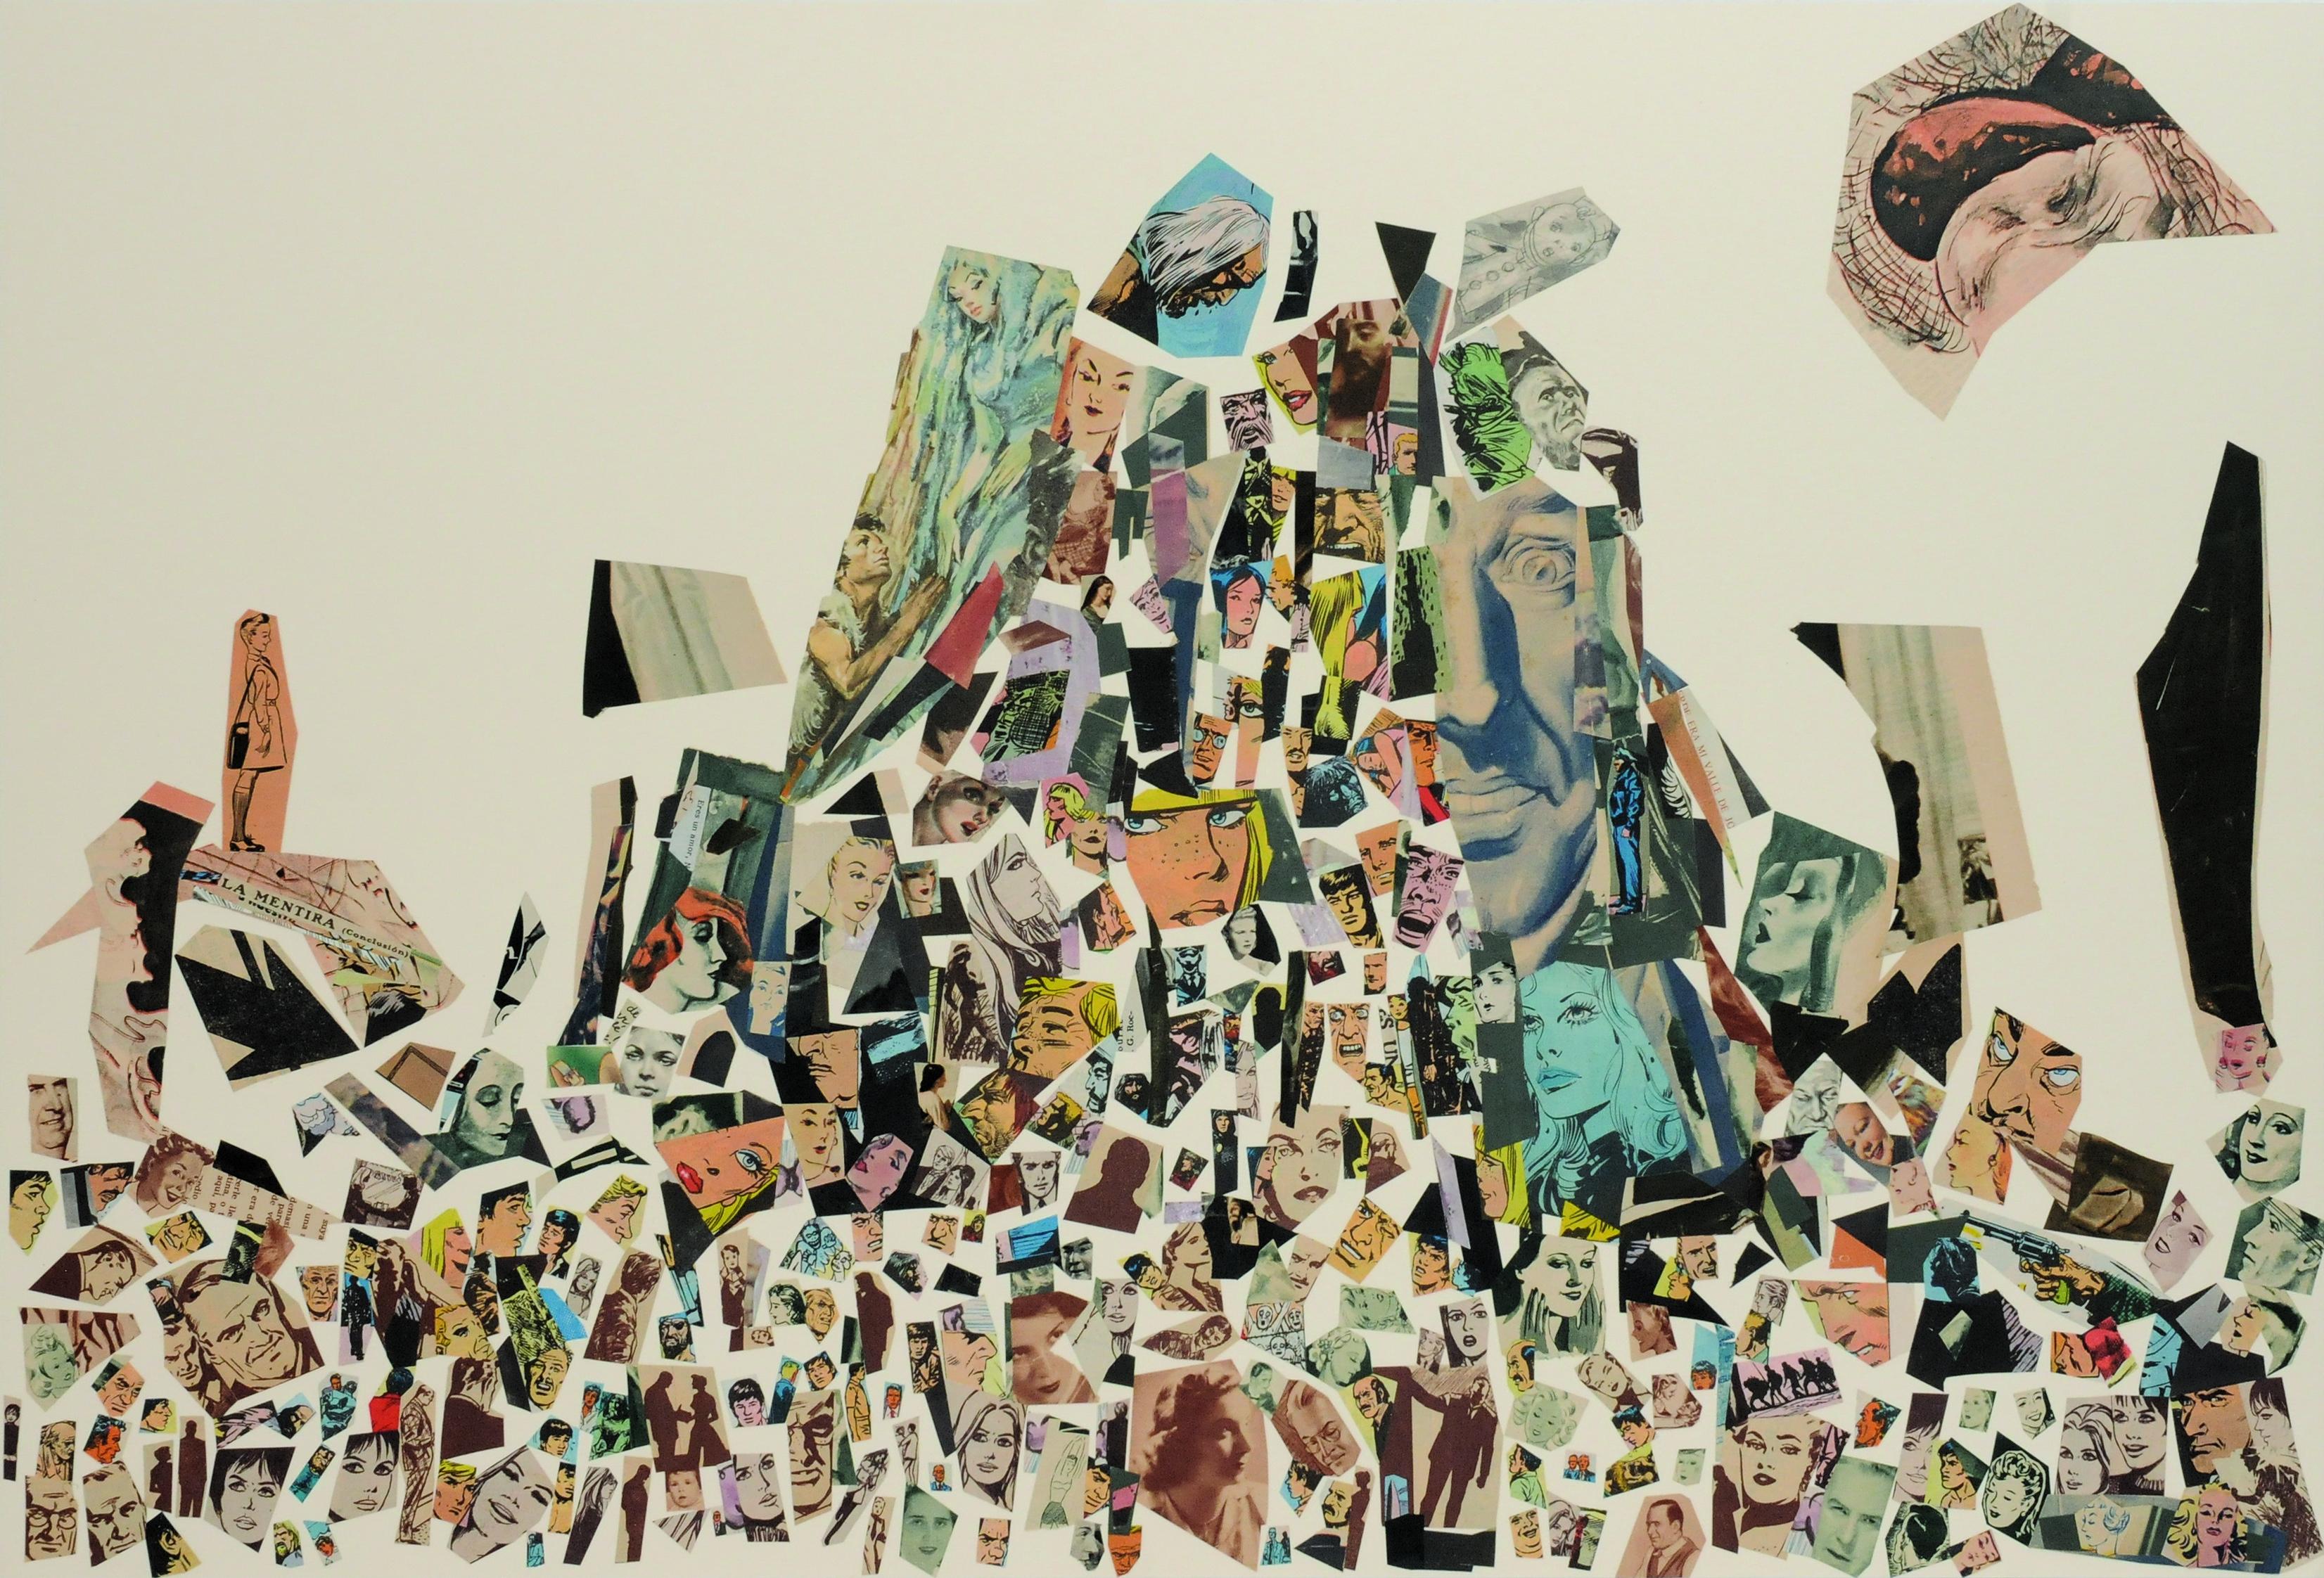 La mentira (conclusión), papel collage, 51 cm x 76 cm. 2008